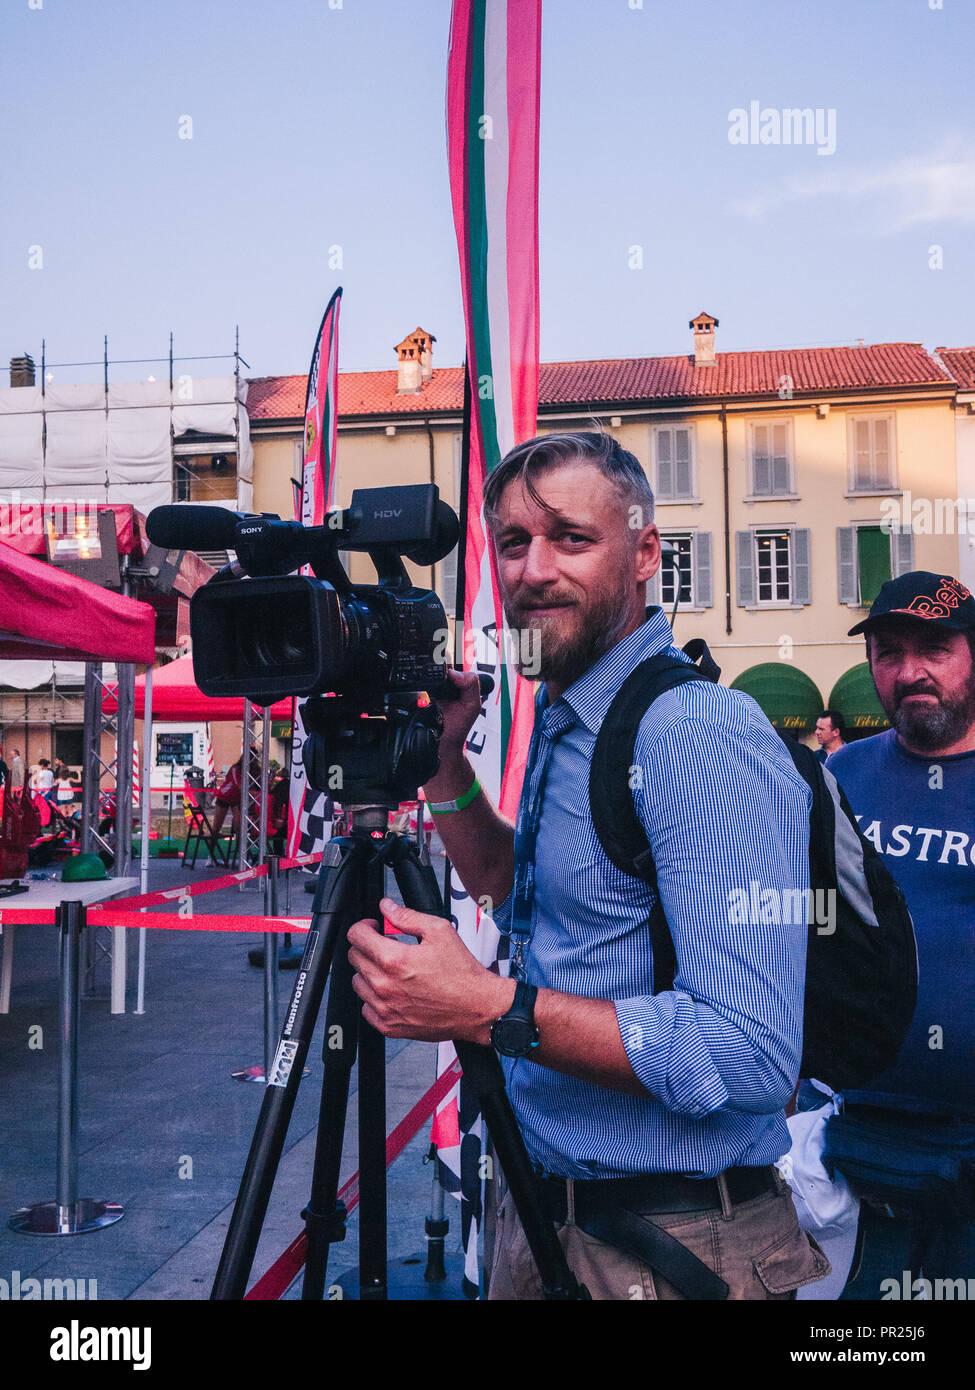 Snap di una telecamera uomo a Monza, Italia. Sembra sorpreso. Ci sono bandiere di tutti intorno a. Guarda sconvolto con un bel video della fotocamera e microfono treppiede Immagini Stock